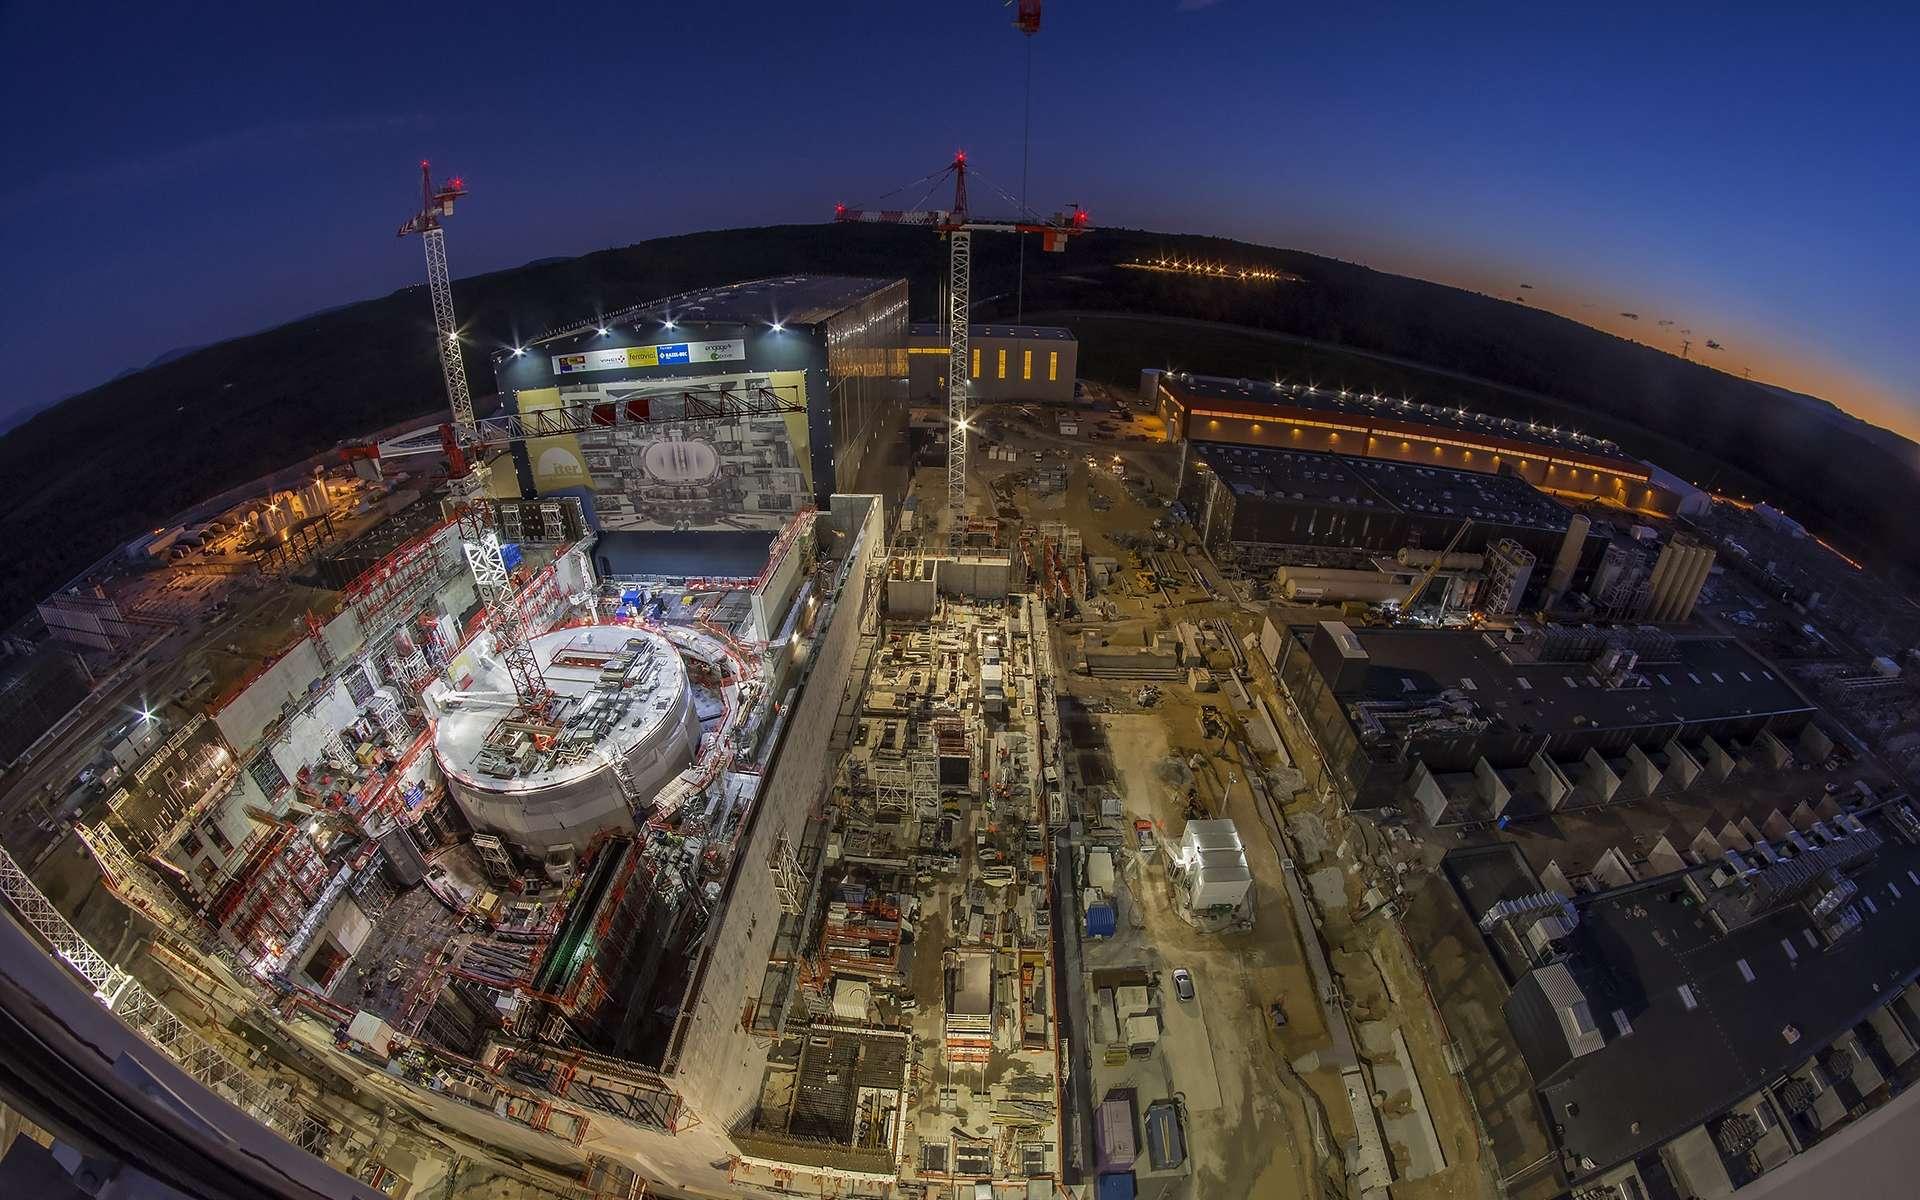 Une vue du chantier d'Iter en décembre 2018. © Iterorganization